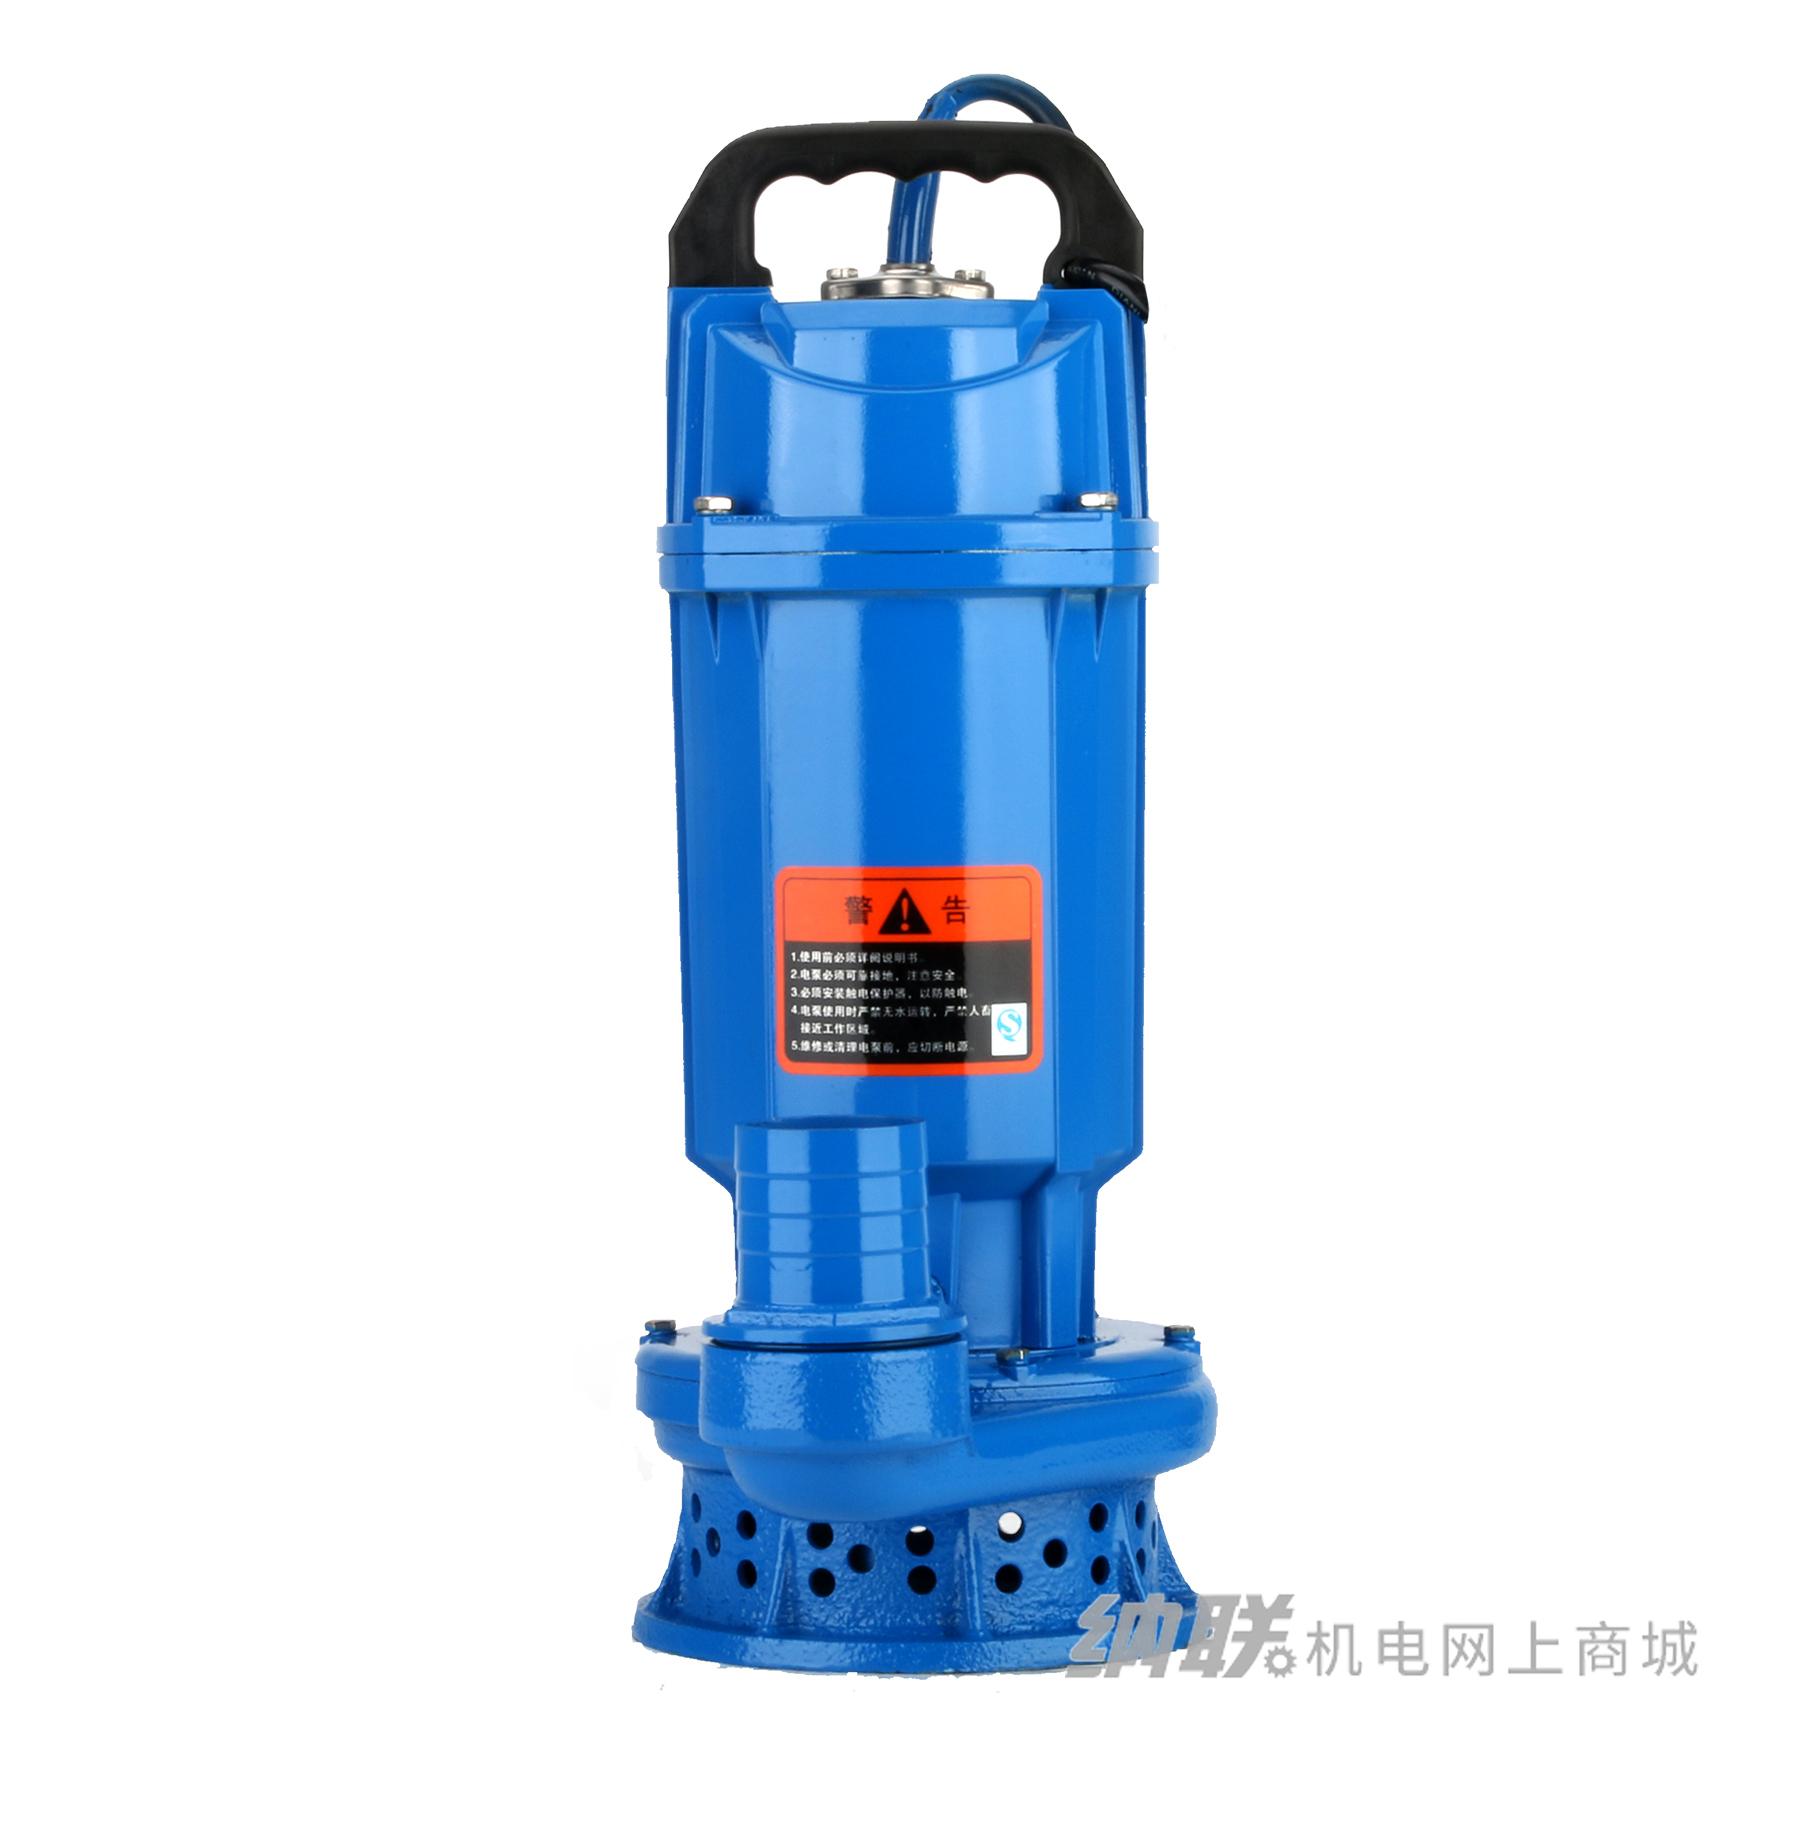 纳联机电 潜水泵-80QX32-15-1.8(新版)